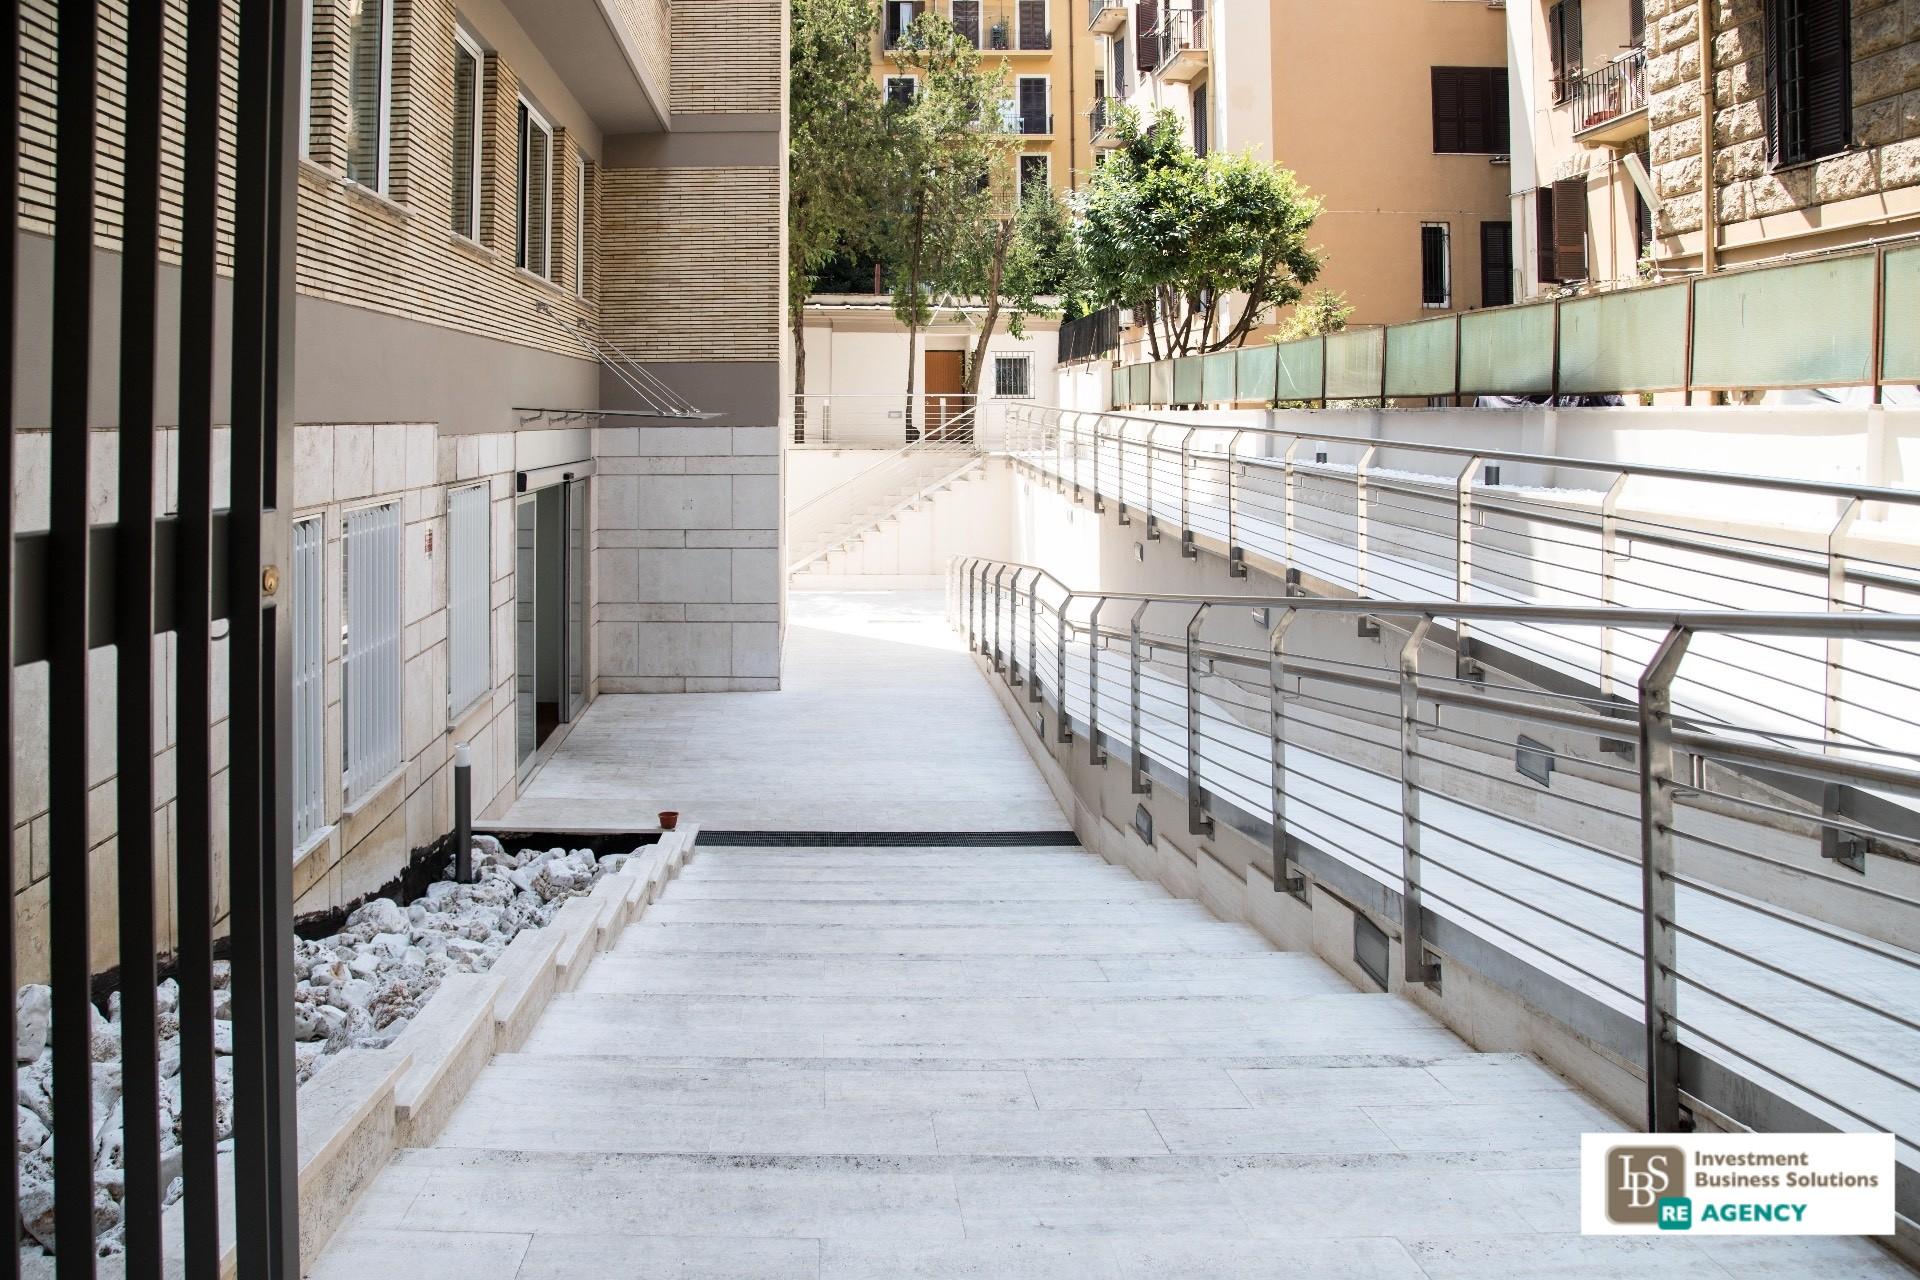 Ufficio studio in affitto a roma cod 135 rubicone affittp for Affitto studio medico roma parioli